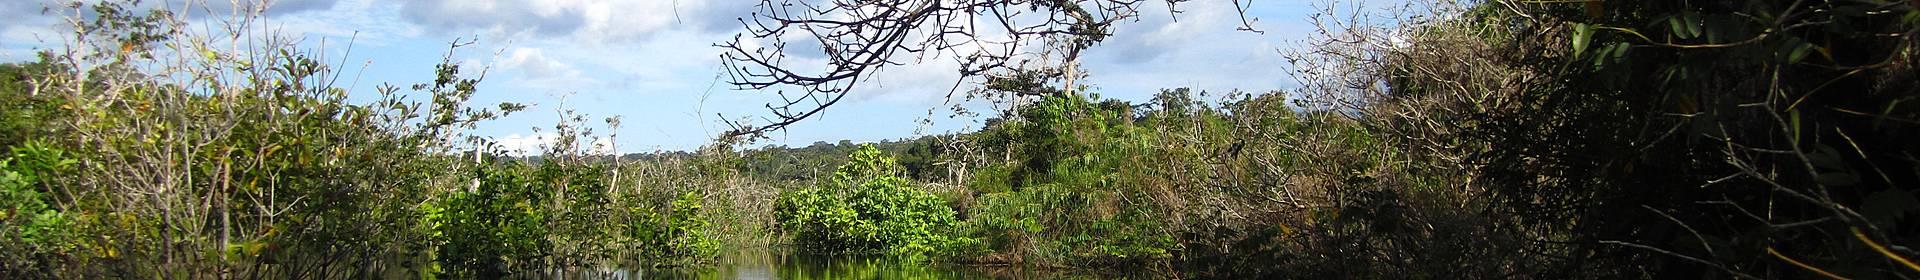 Reserva Florestal de Tapajos